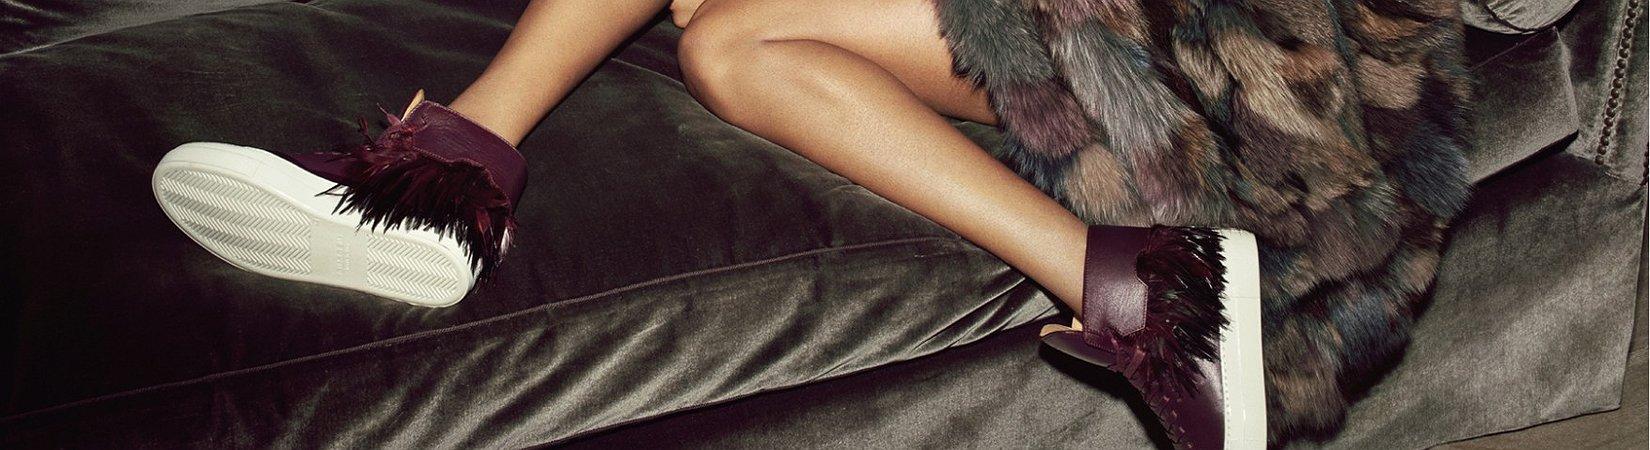 Conoce la marca de lujo Buscemi: zapatillas de deporte con diamantes por 132.000 $